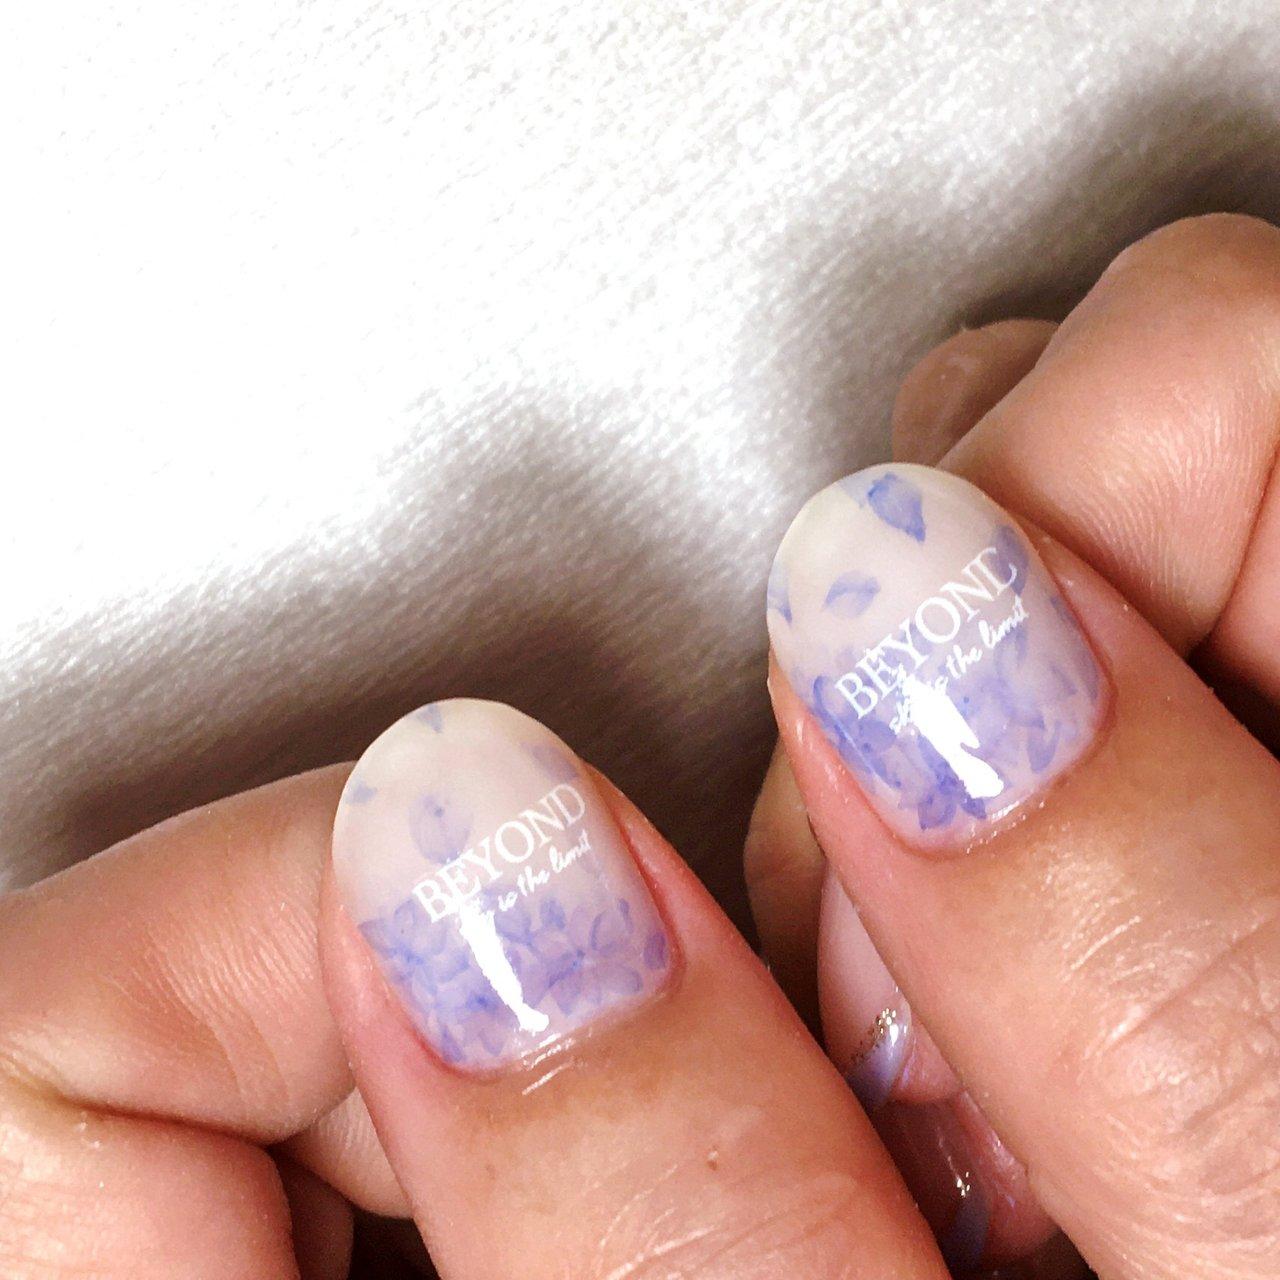 #アン先生のデザインを参考 #紫陽花ネイル #エアジェル フレンチ #zero_mam_nail #ネイルブック